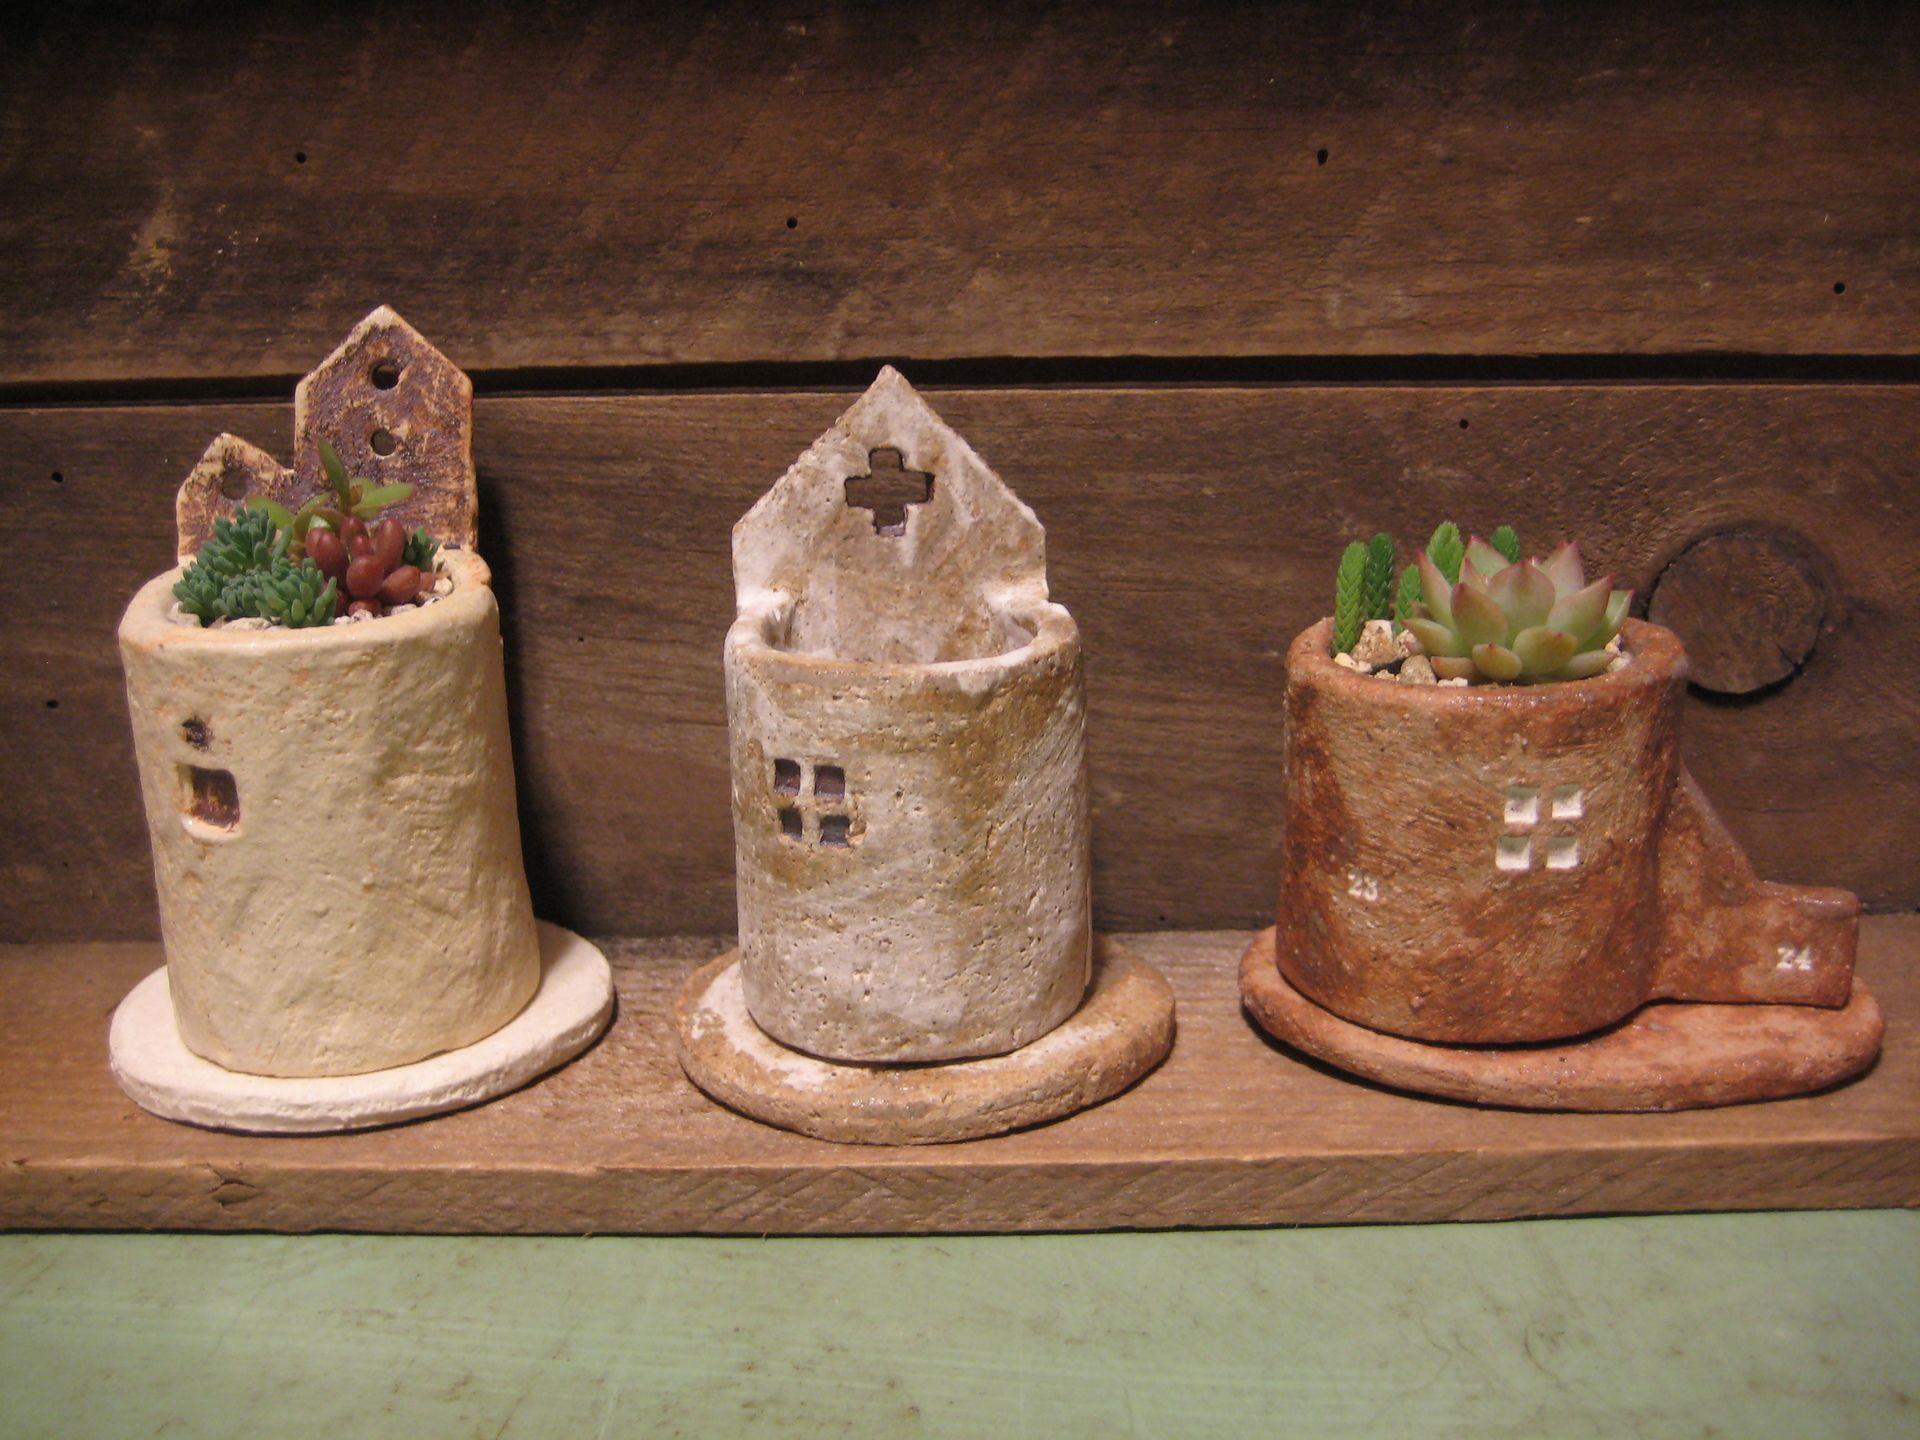 おうち植木鉢と多肉植物 ちくちくつくる ー手作りいろいろー